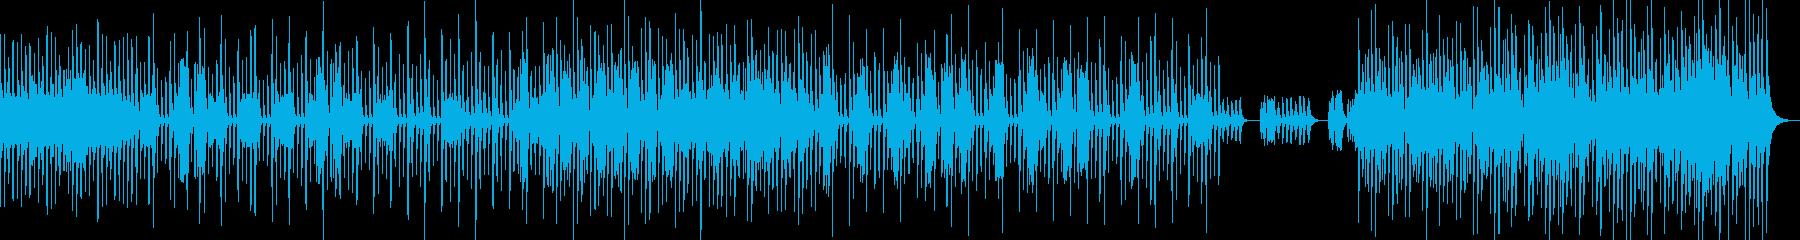 シリアス&ミステリアスなナンバーの再生済みの波形